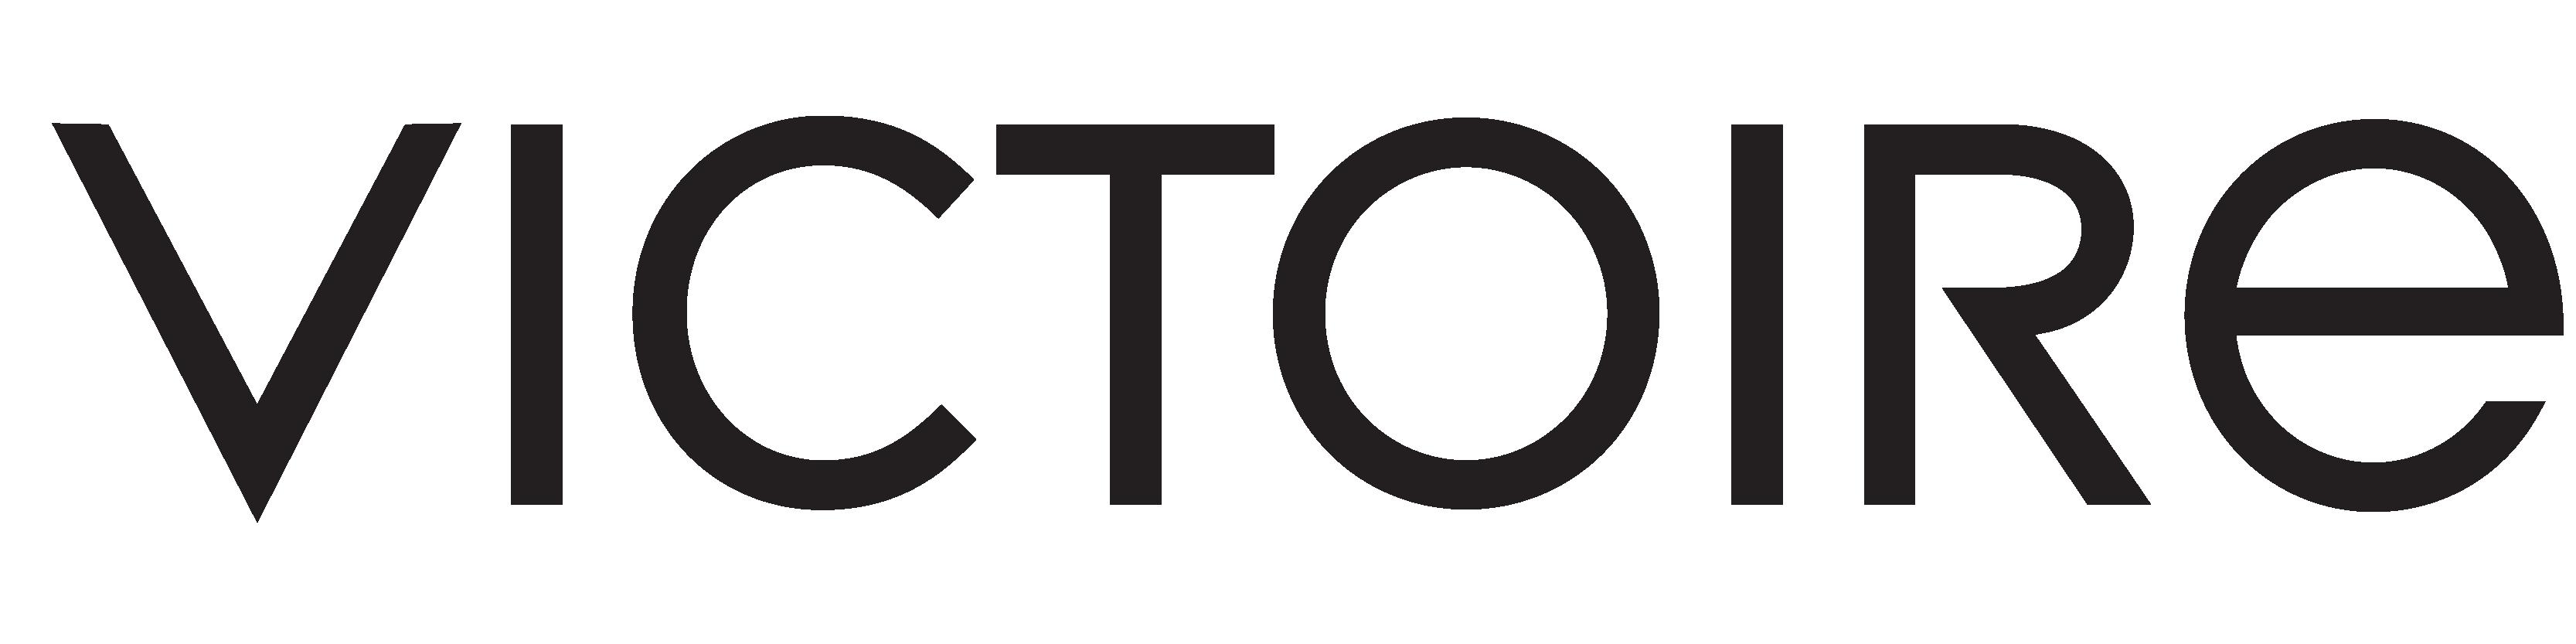 Logo Victoire